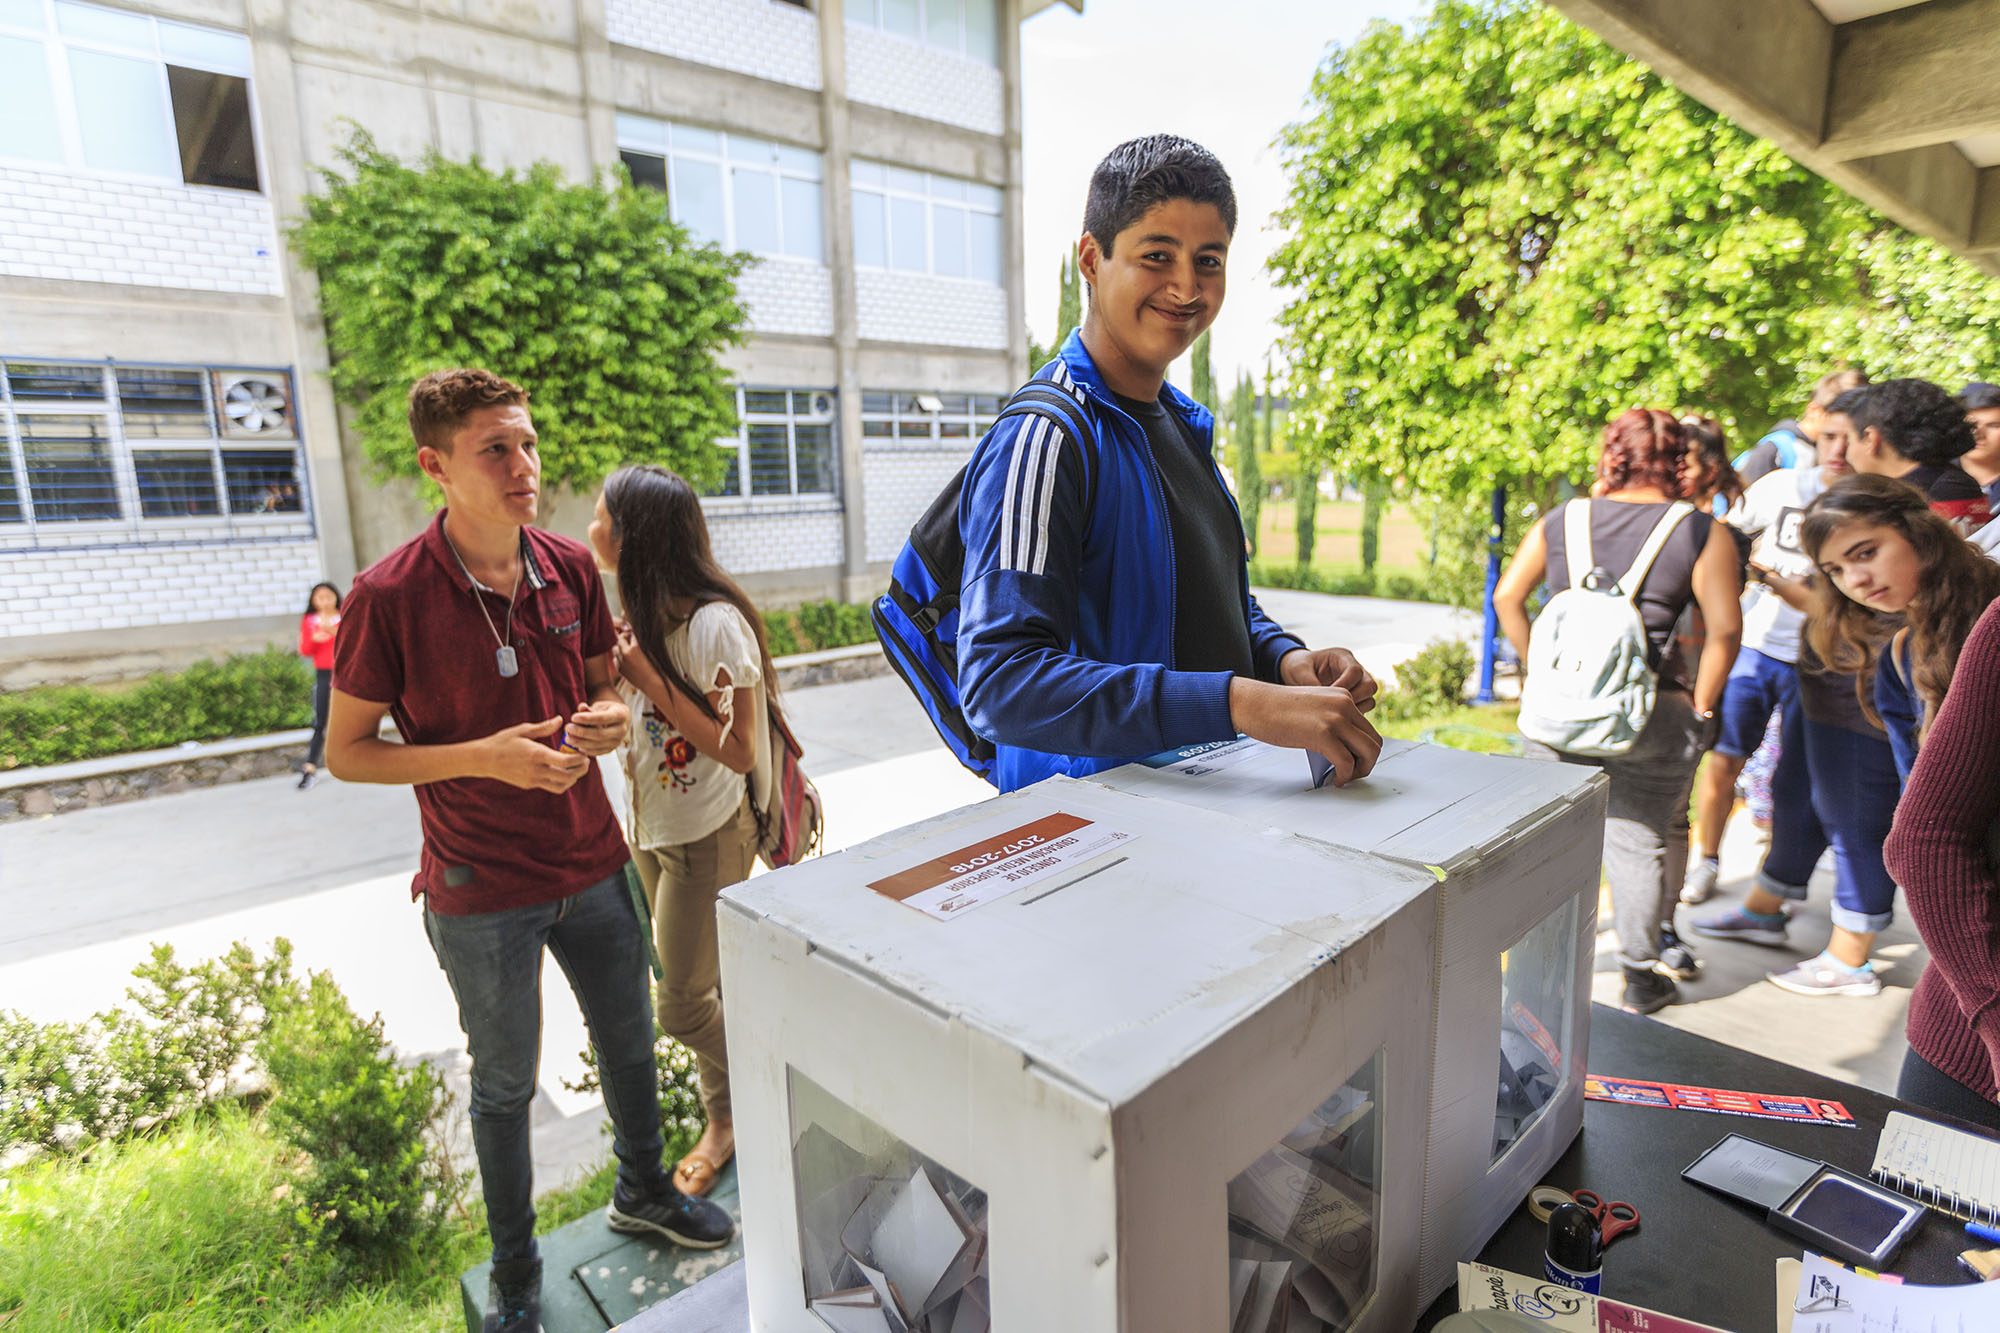 Alumnos del Sistema de Educación Media Superior de la Universidad de Guadalajara, votando en las urnas instaladas en sus respectivas escuelas para elegir a sus tres representantes del consejo de su escuela, así como al titular y suplente de quien los representará ante el Consejo Universitario de Educación Media Superior.